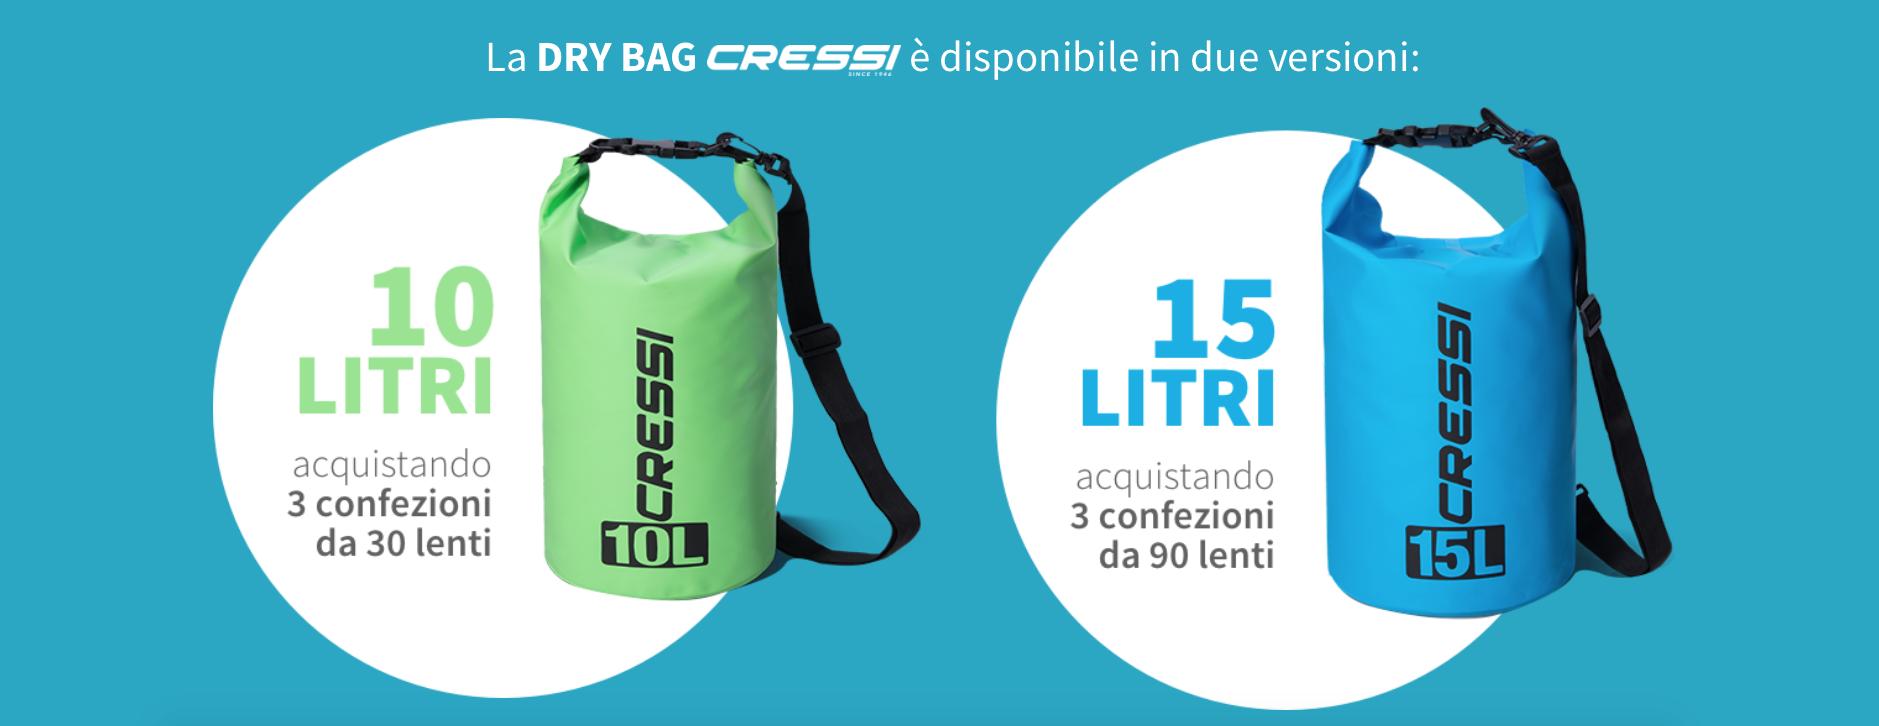 dry-bag-cressi-ottica-look-vision